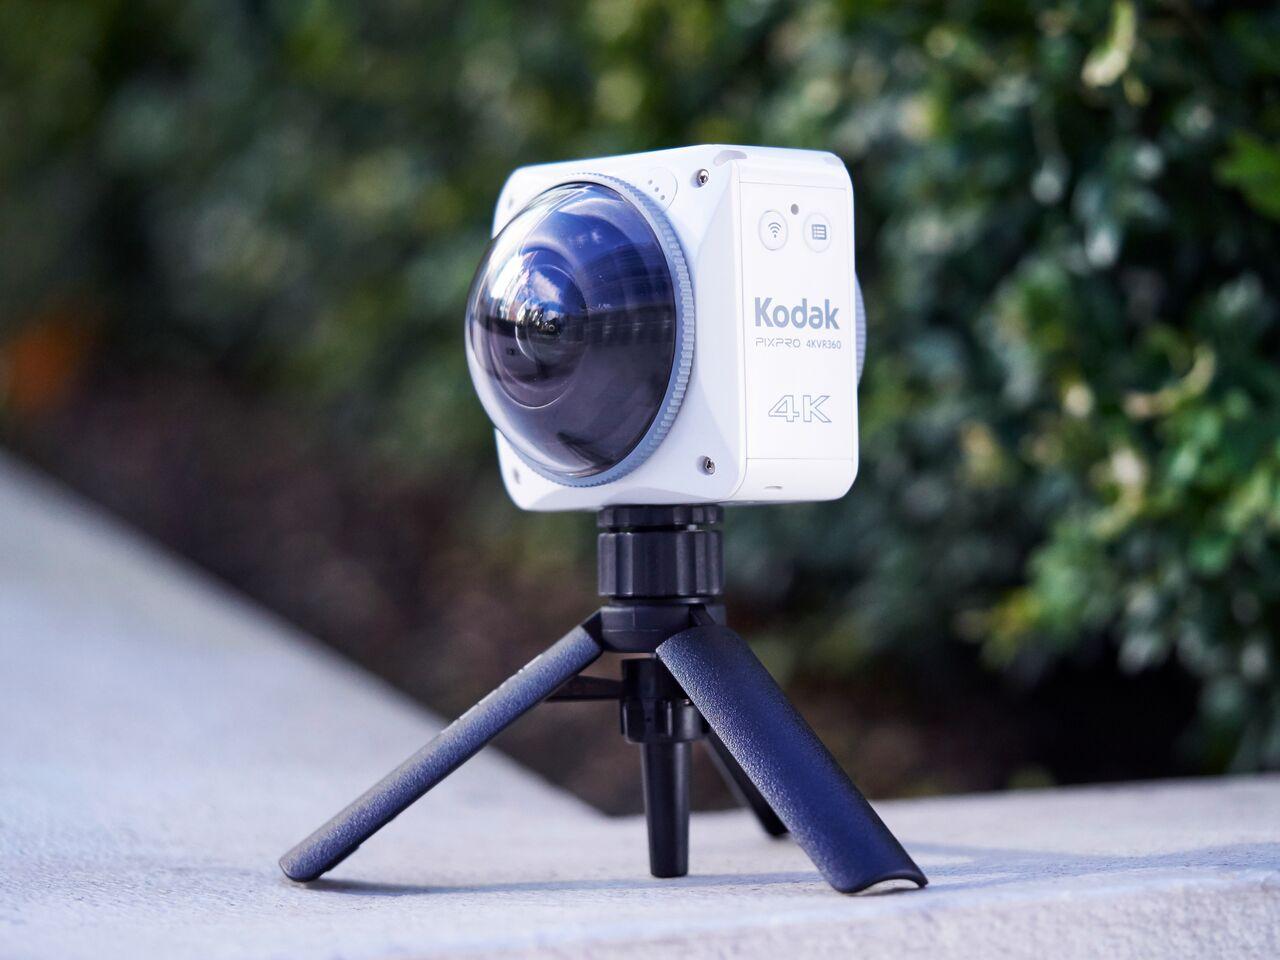 KodakPixPro 2